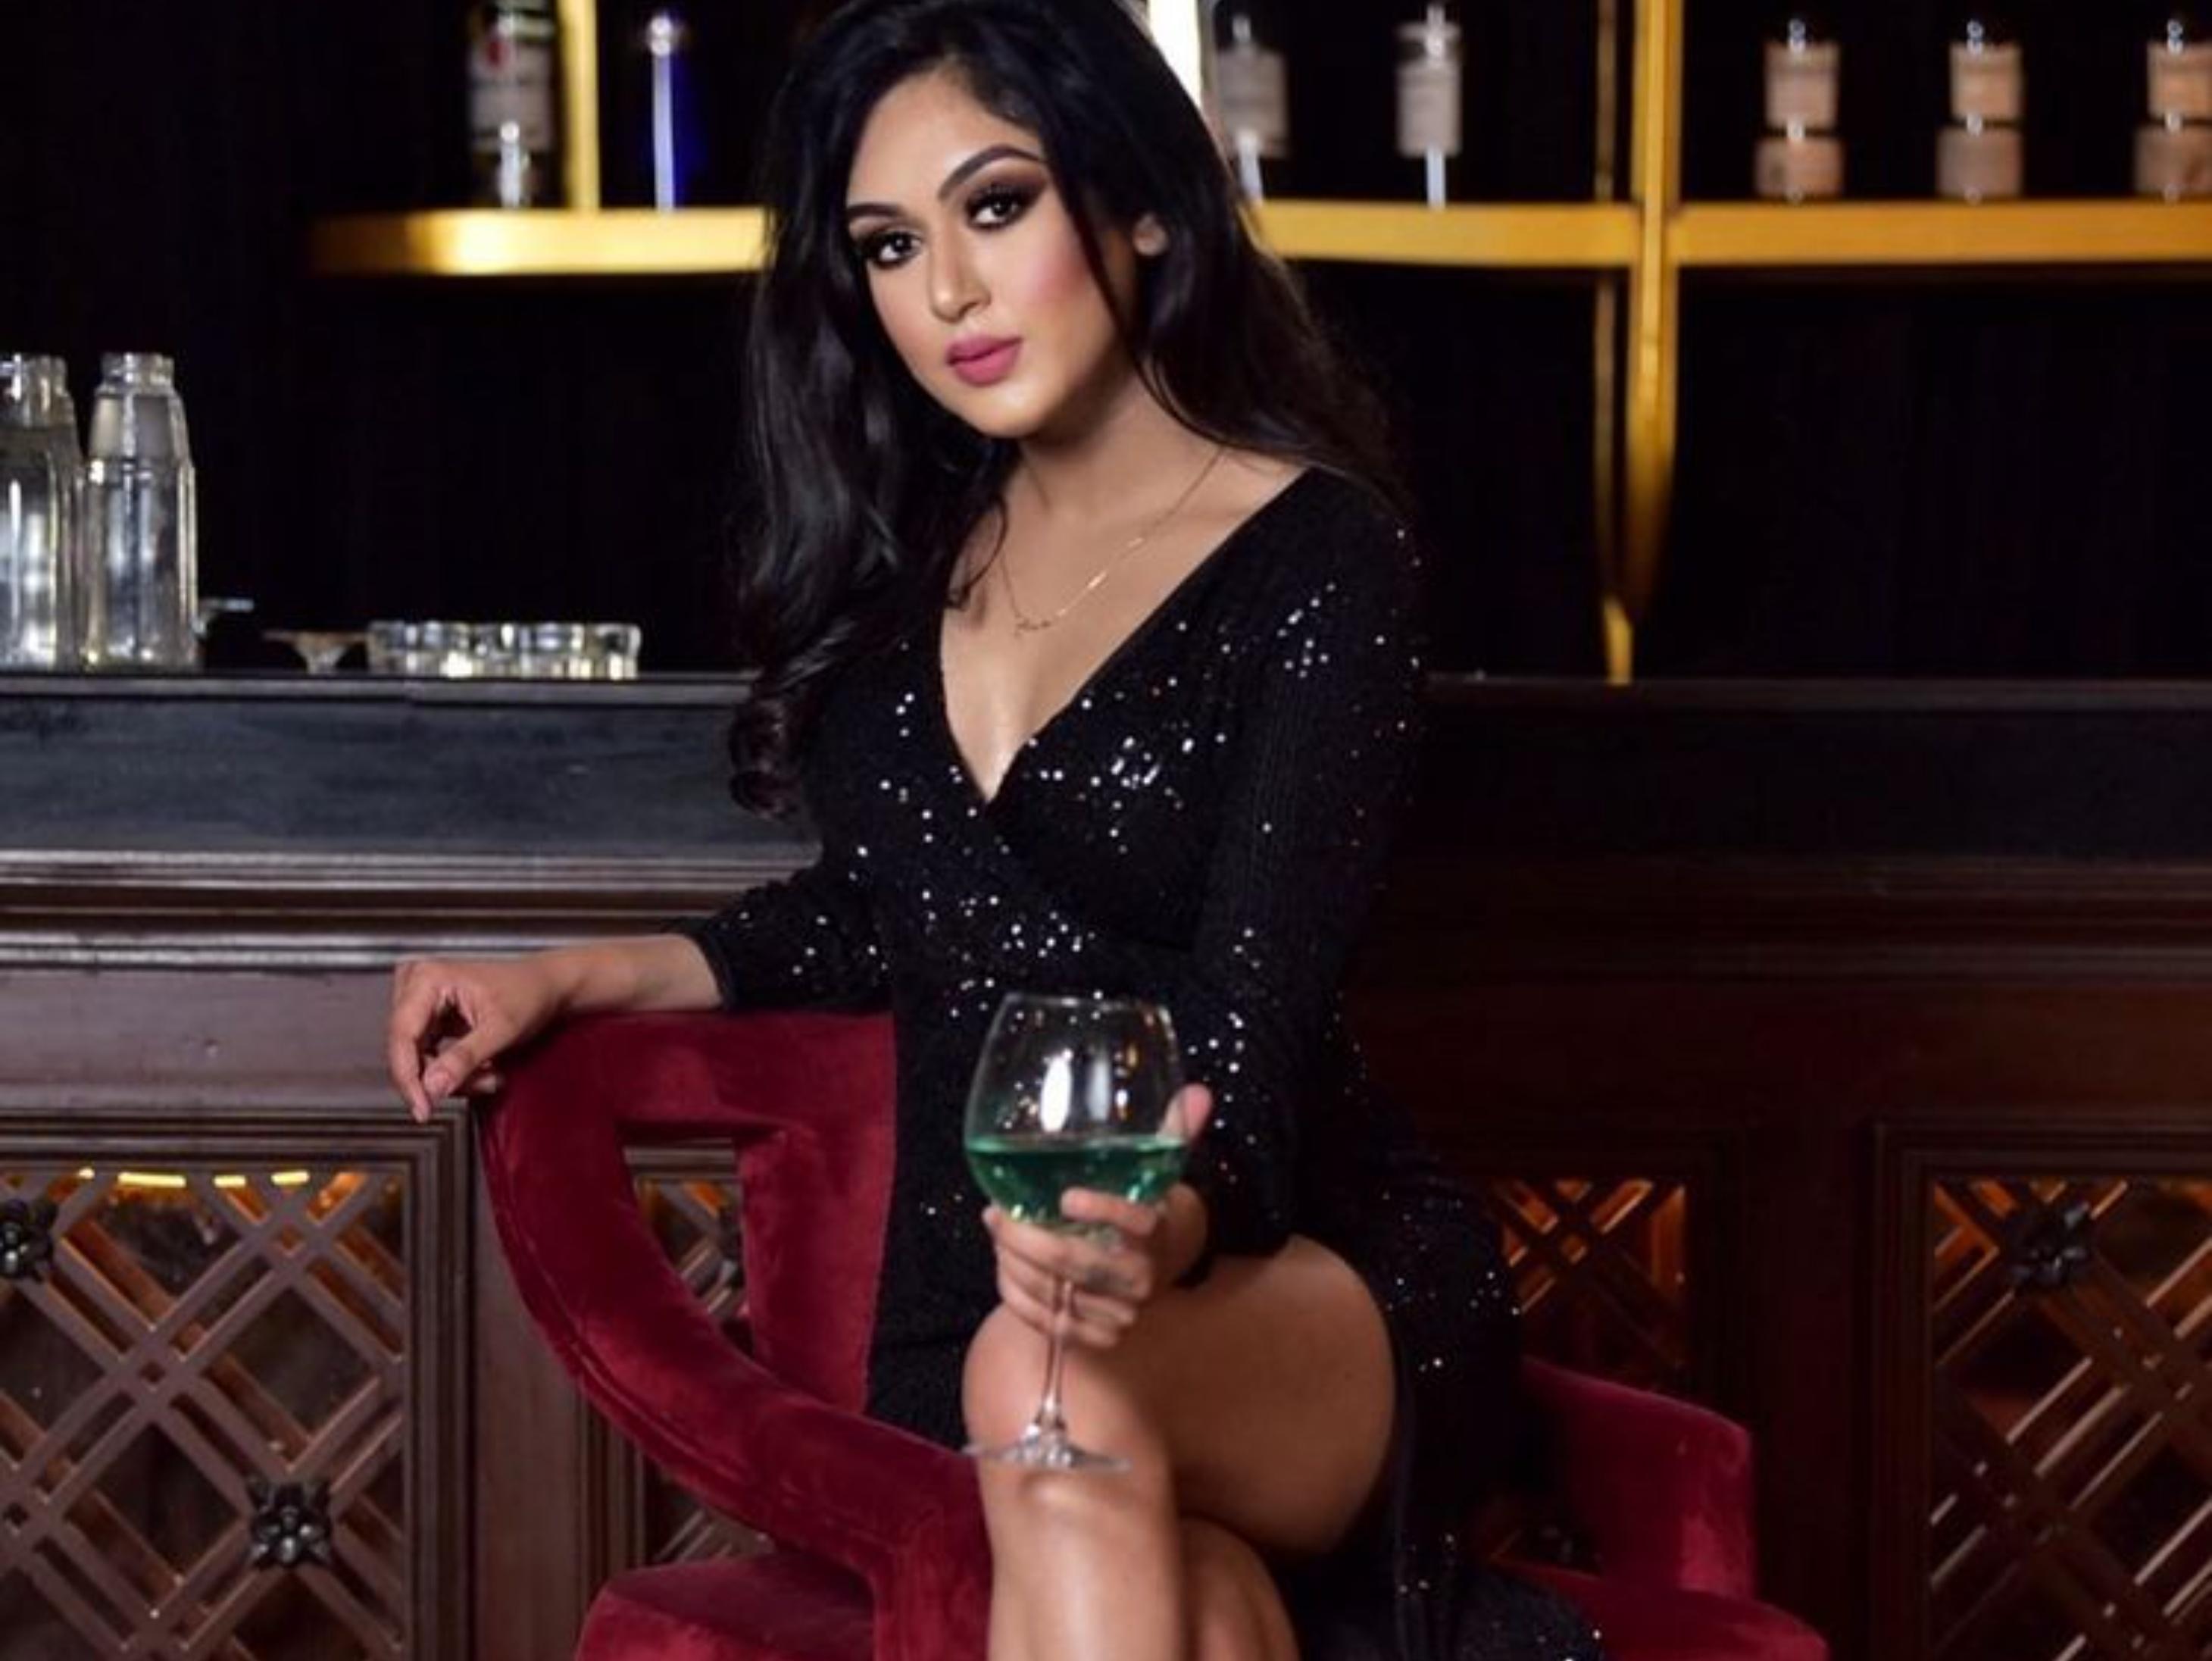 बिन मां-बाप की बेटी हैं मॉडल मुनमुन धमीचा; कभी अलाया एफ के साथ रिलेशन में थे अरबाज मर्चेंट लेकिन अब सुहाना के क्लोज हैं|बॉलीवुड,Bollywood - Dainik Bhaskar